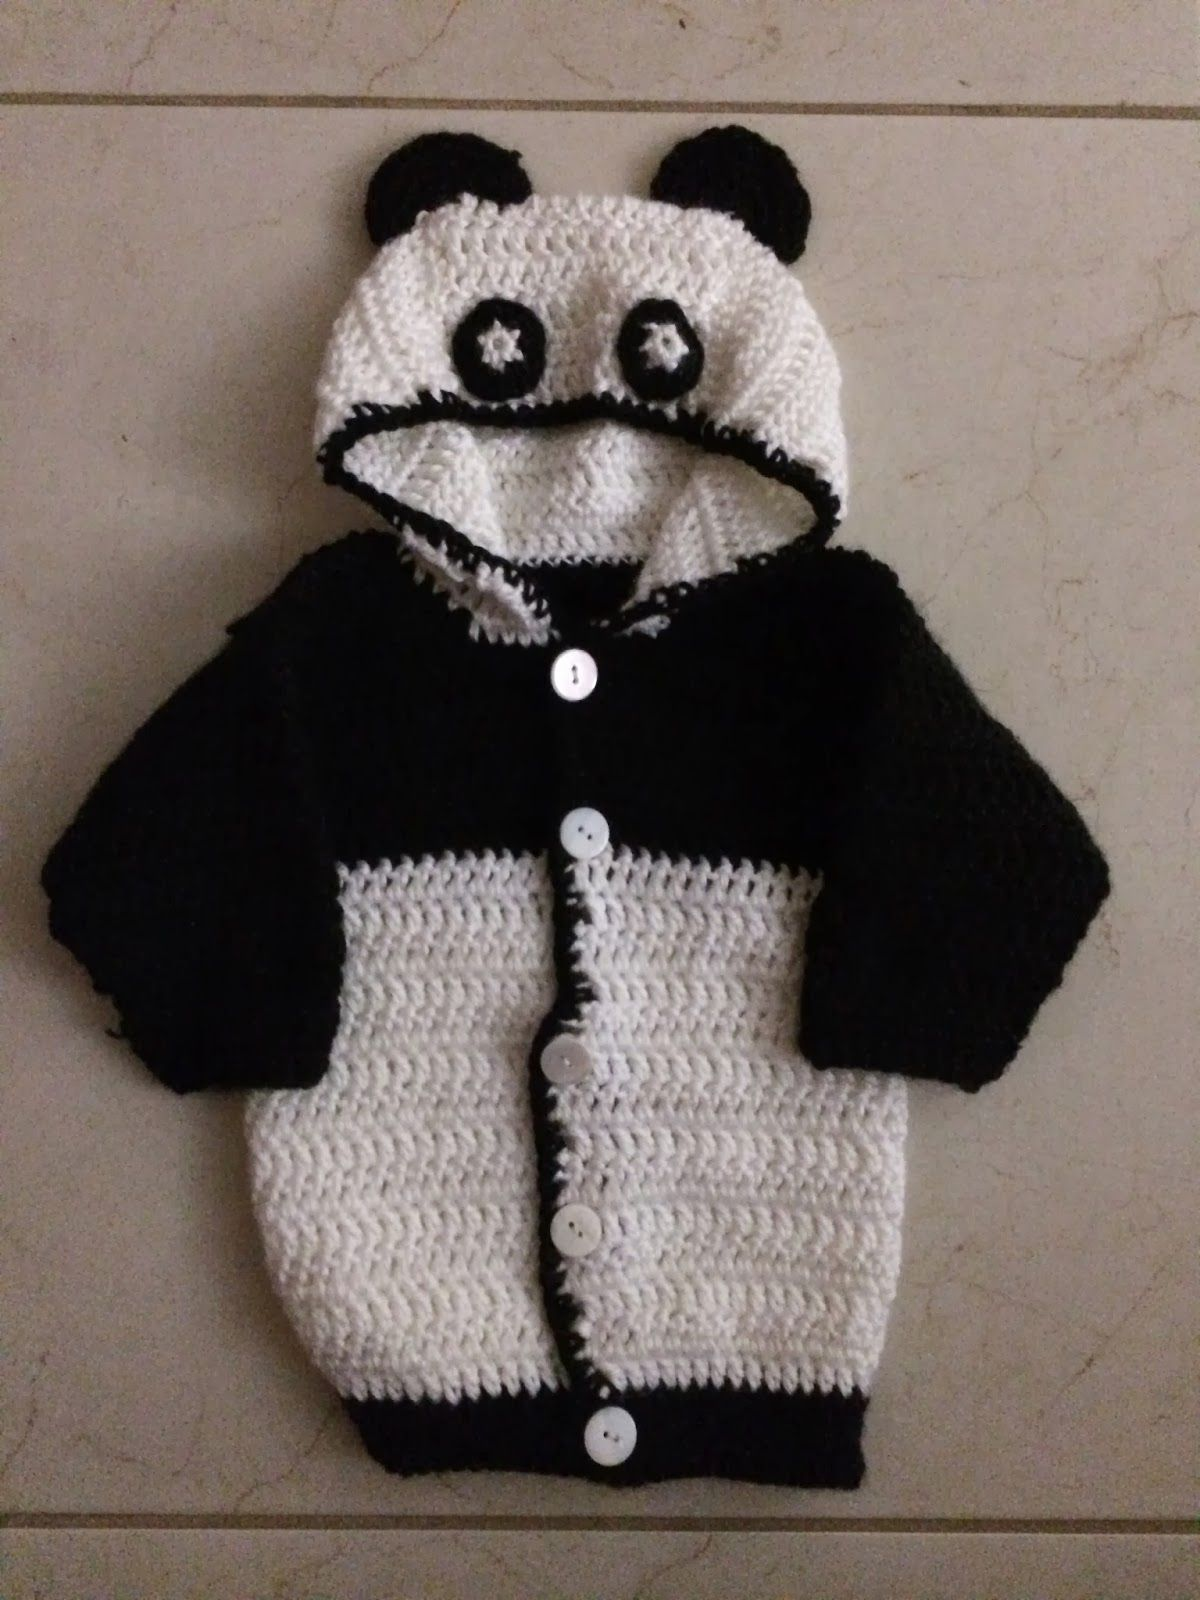 b08115480 Not My Nana s Crochet!  Hooded Baby Panda Sweater - Free Pattern ...